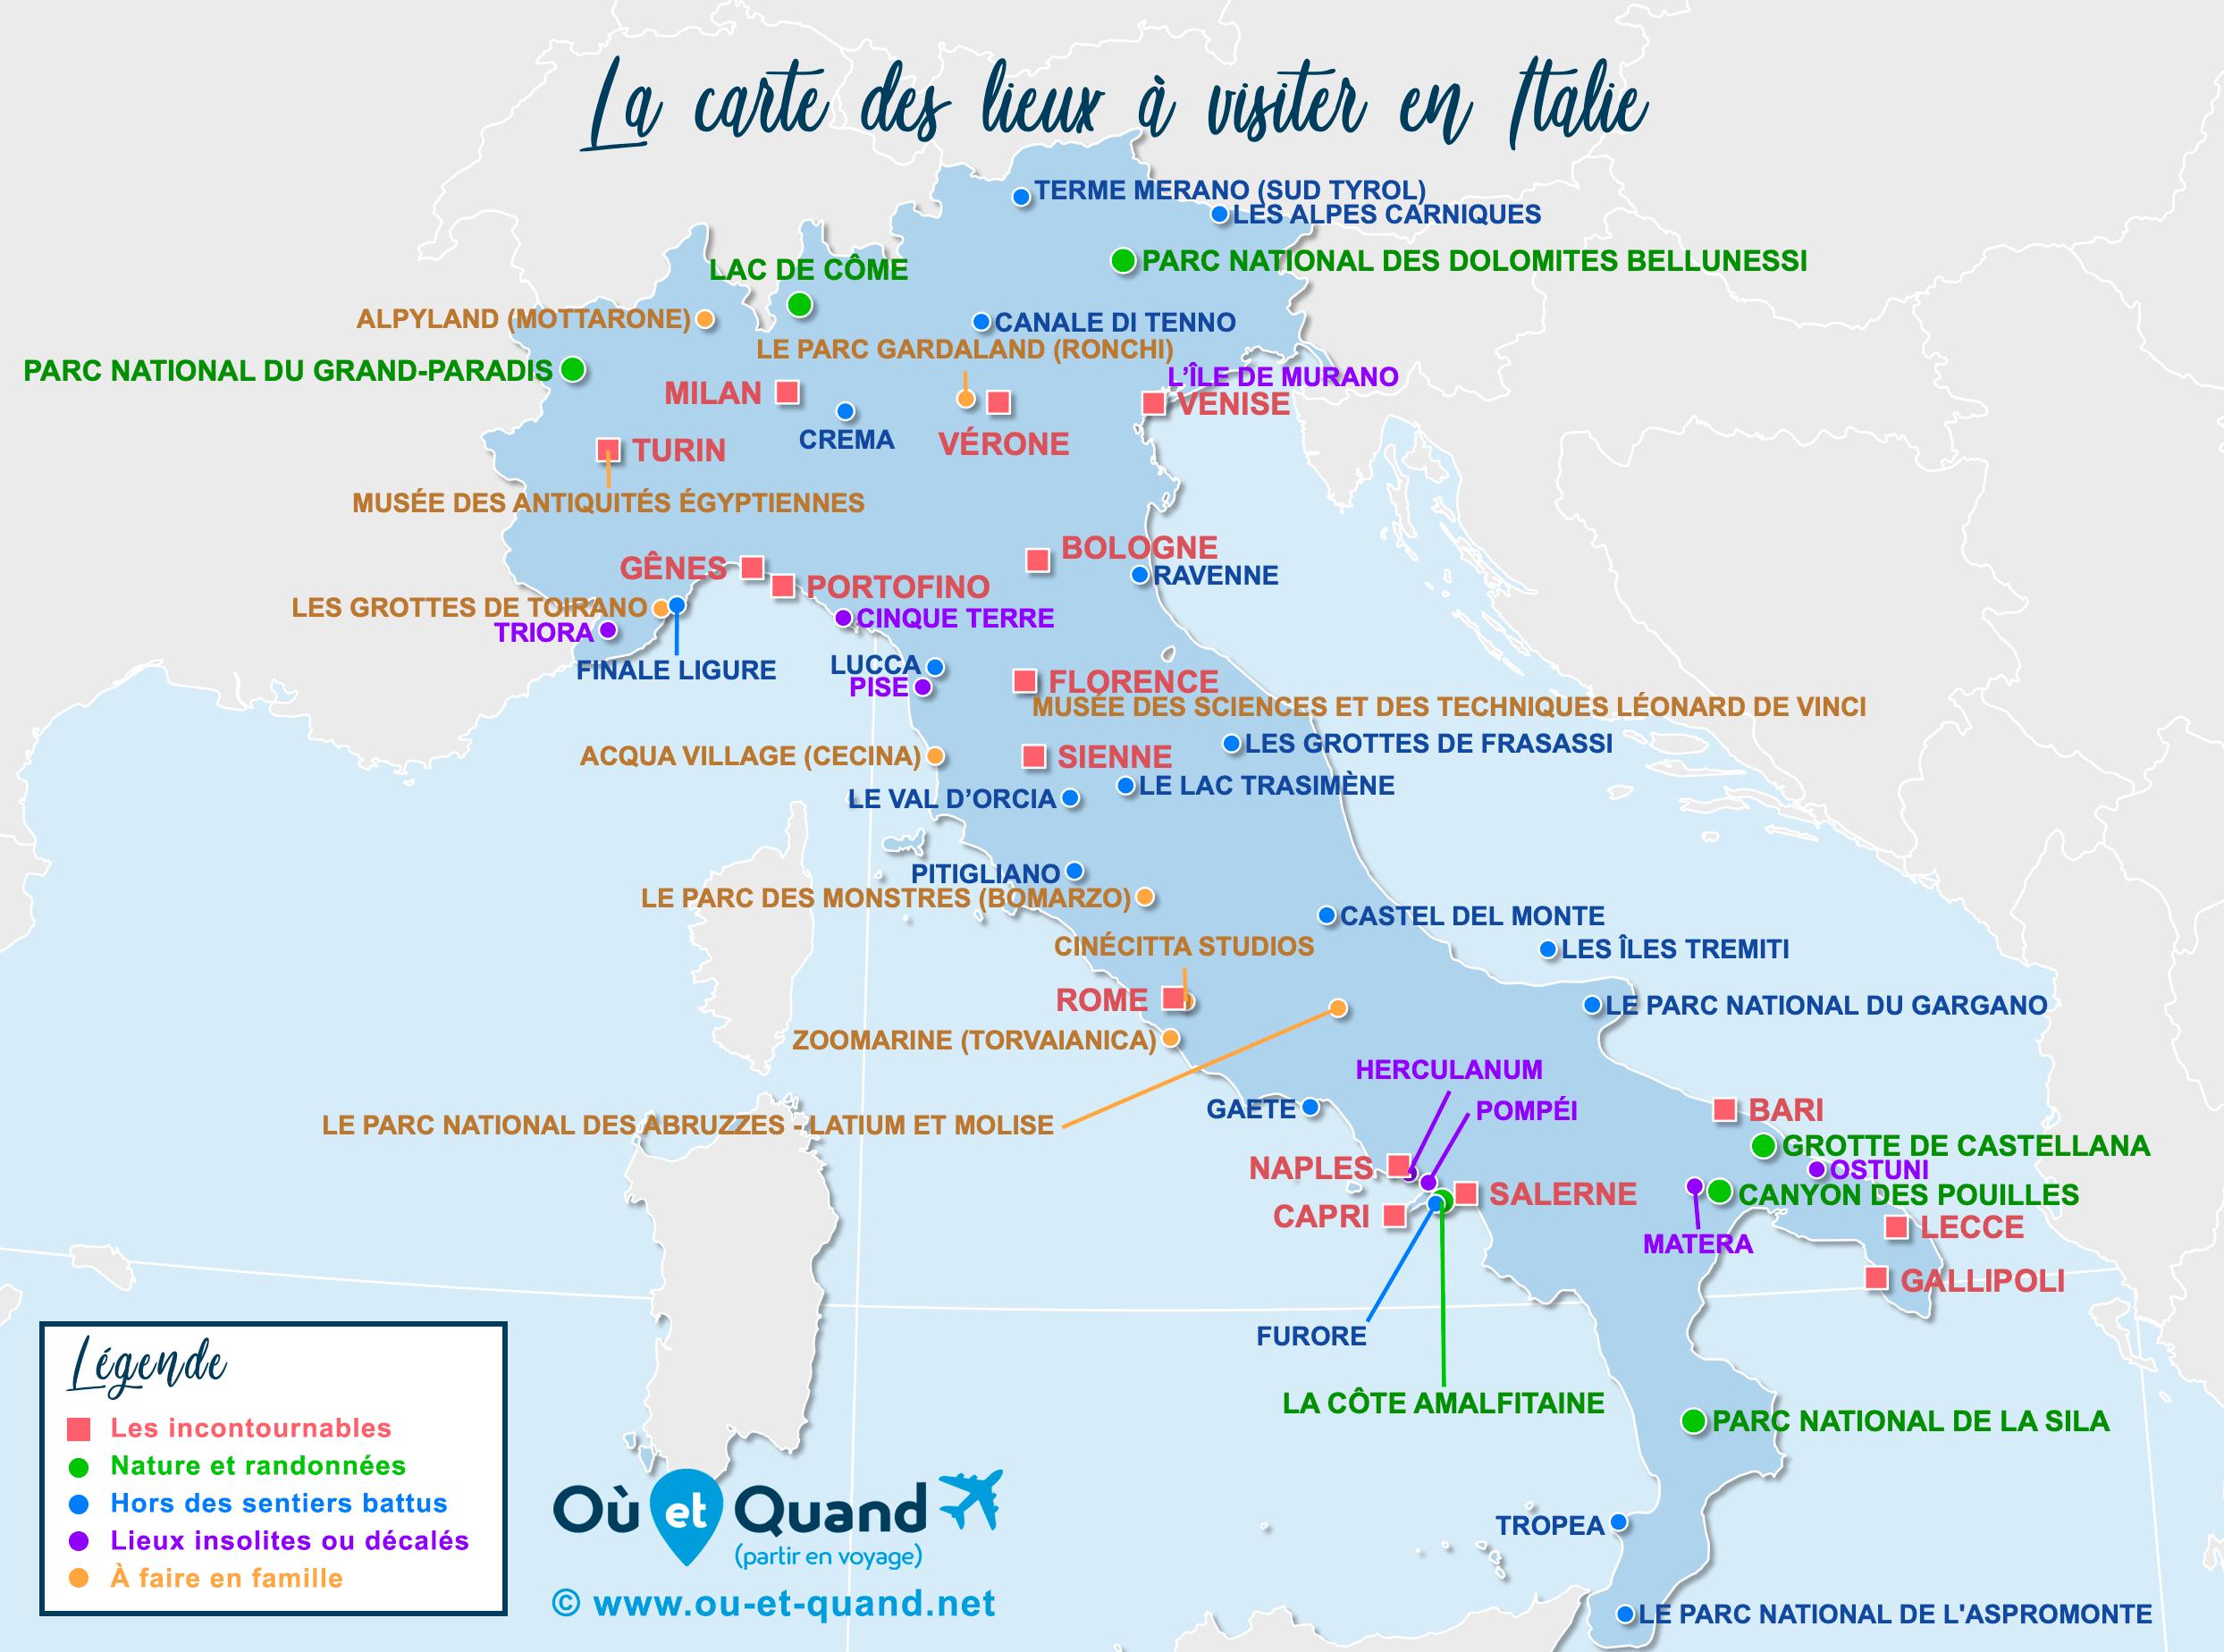 Carte Italie : tous les lieux à visiter lors de votre voyage